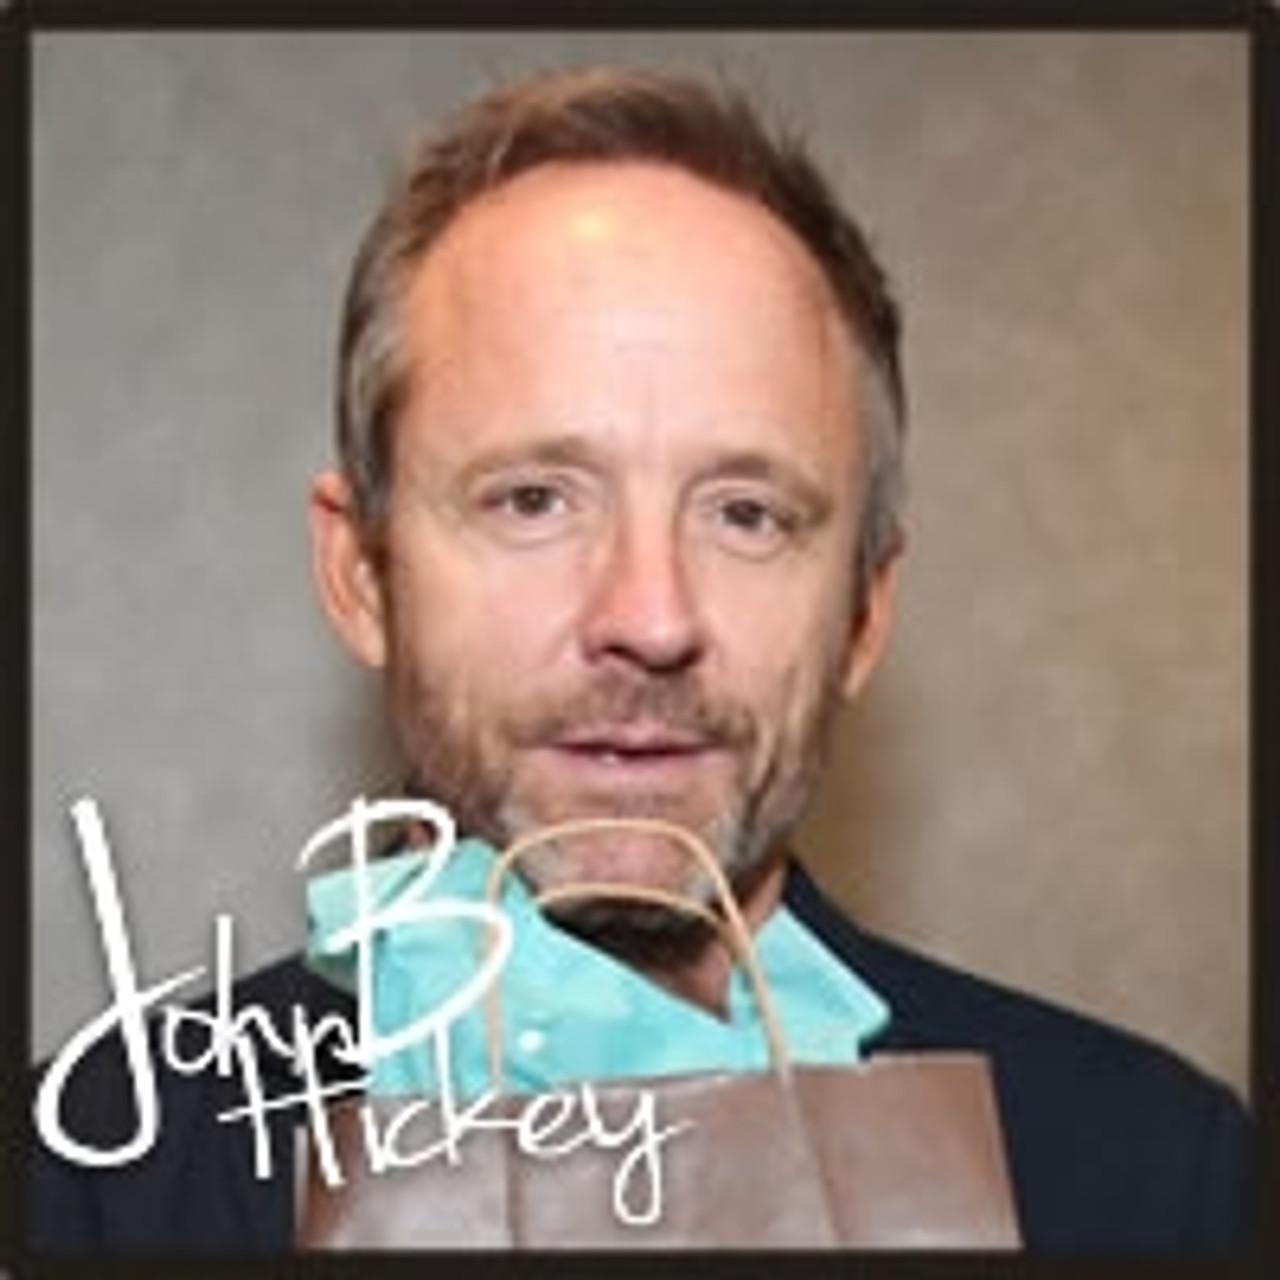 John B Hickey